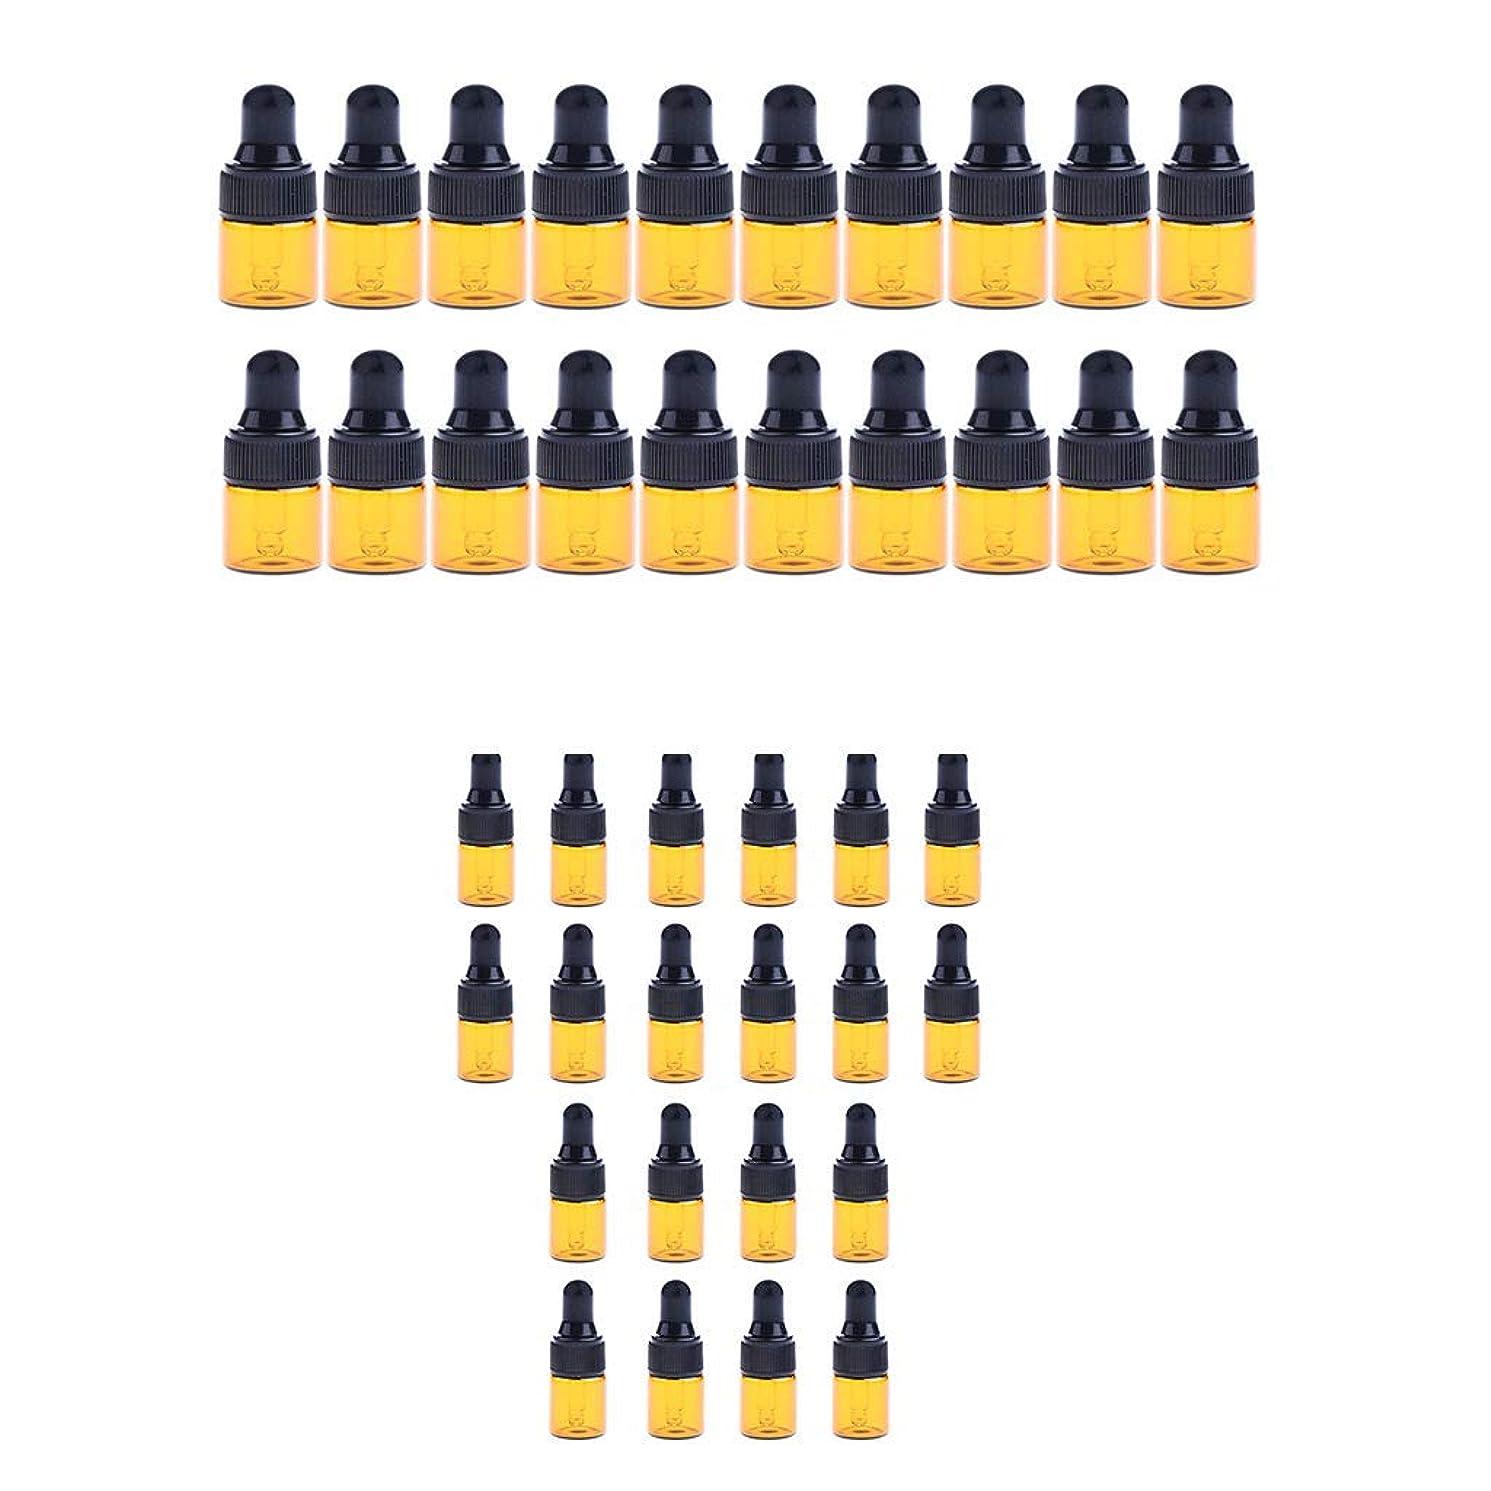 リハーサル微視的再びFenteer 小分けボトル スポイトボトル ガラス瓶 詰め替え 精油 香水 保存用 2ml / 3ml 40個入